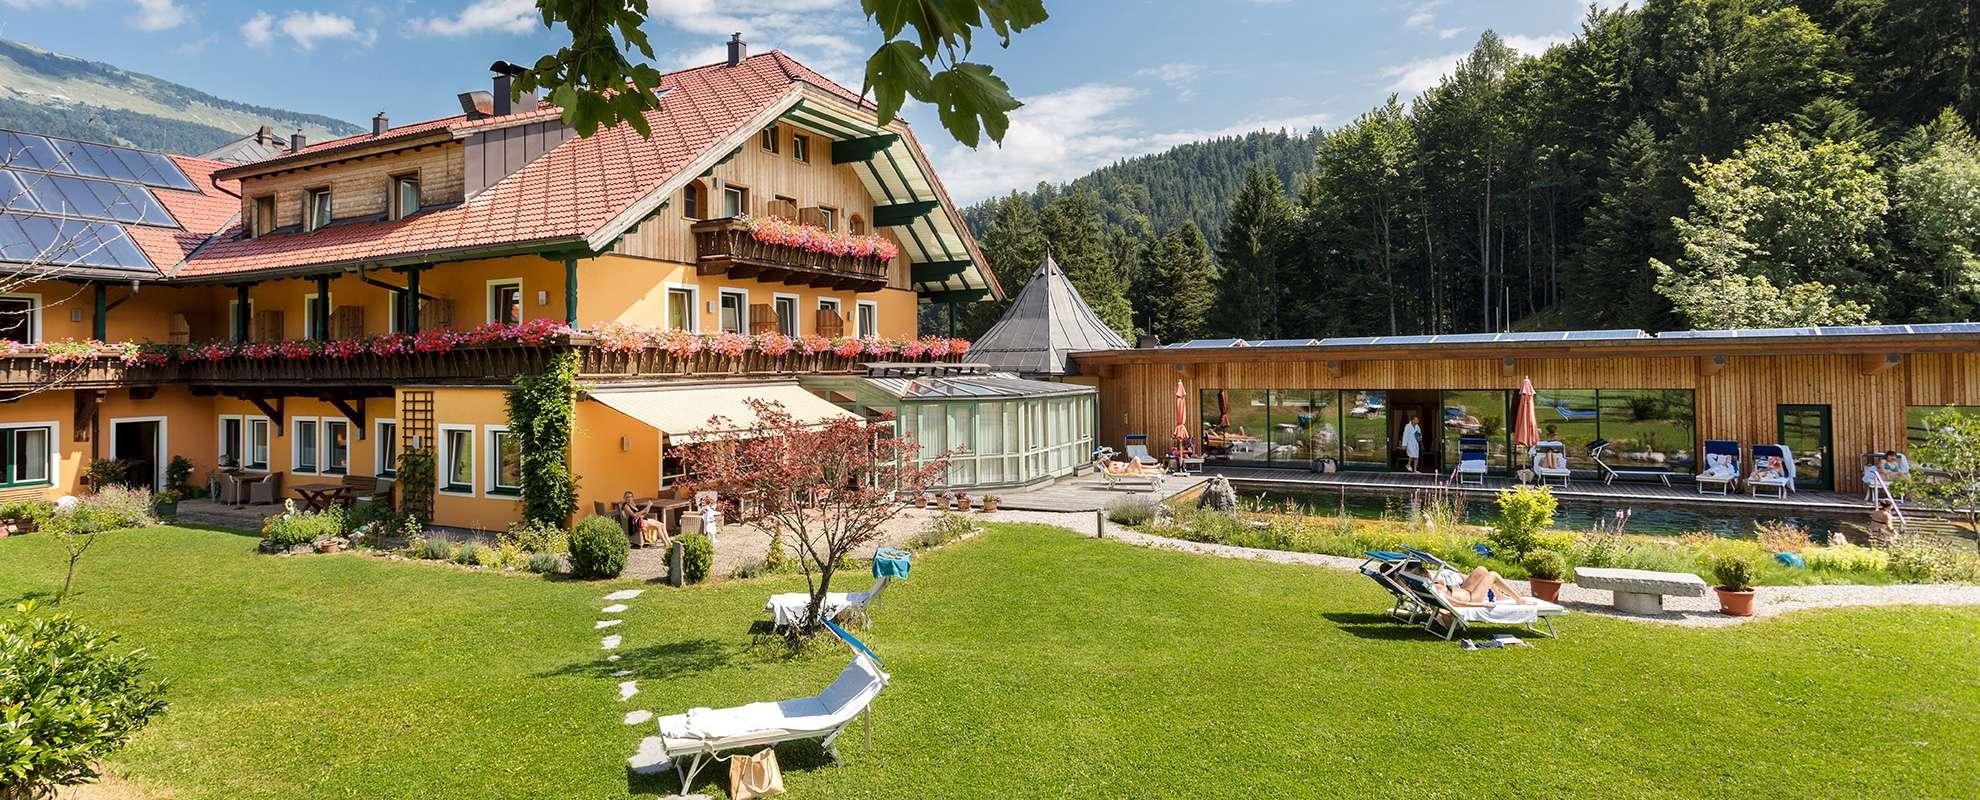 Ihr Bio Hotel Sommerau Nachhaltig Entspannen Bei Salzburg